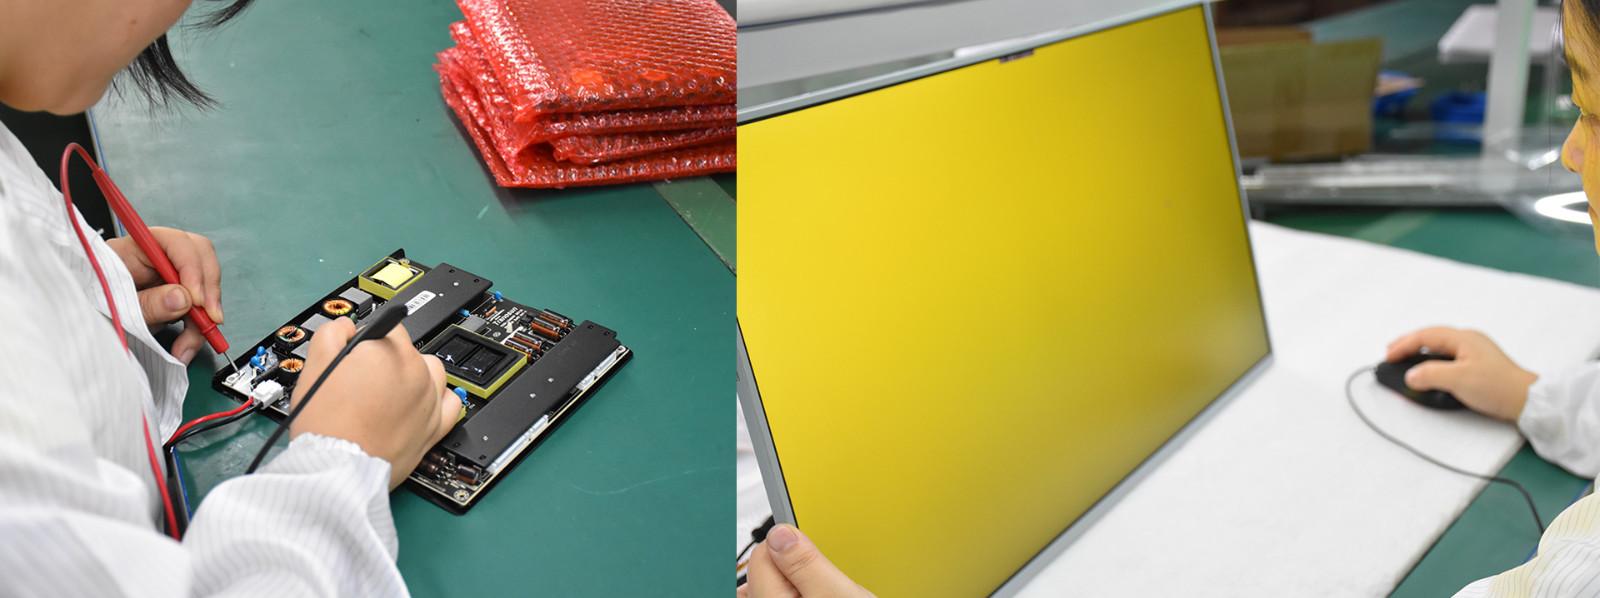 Hengstar Brand open open frame monitor frame factory